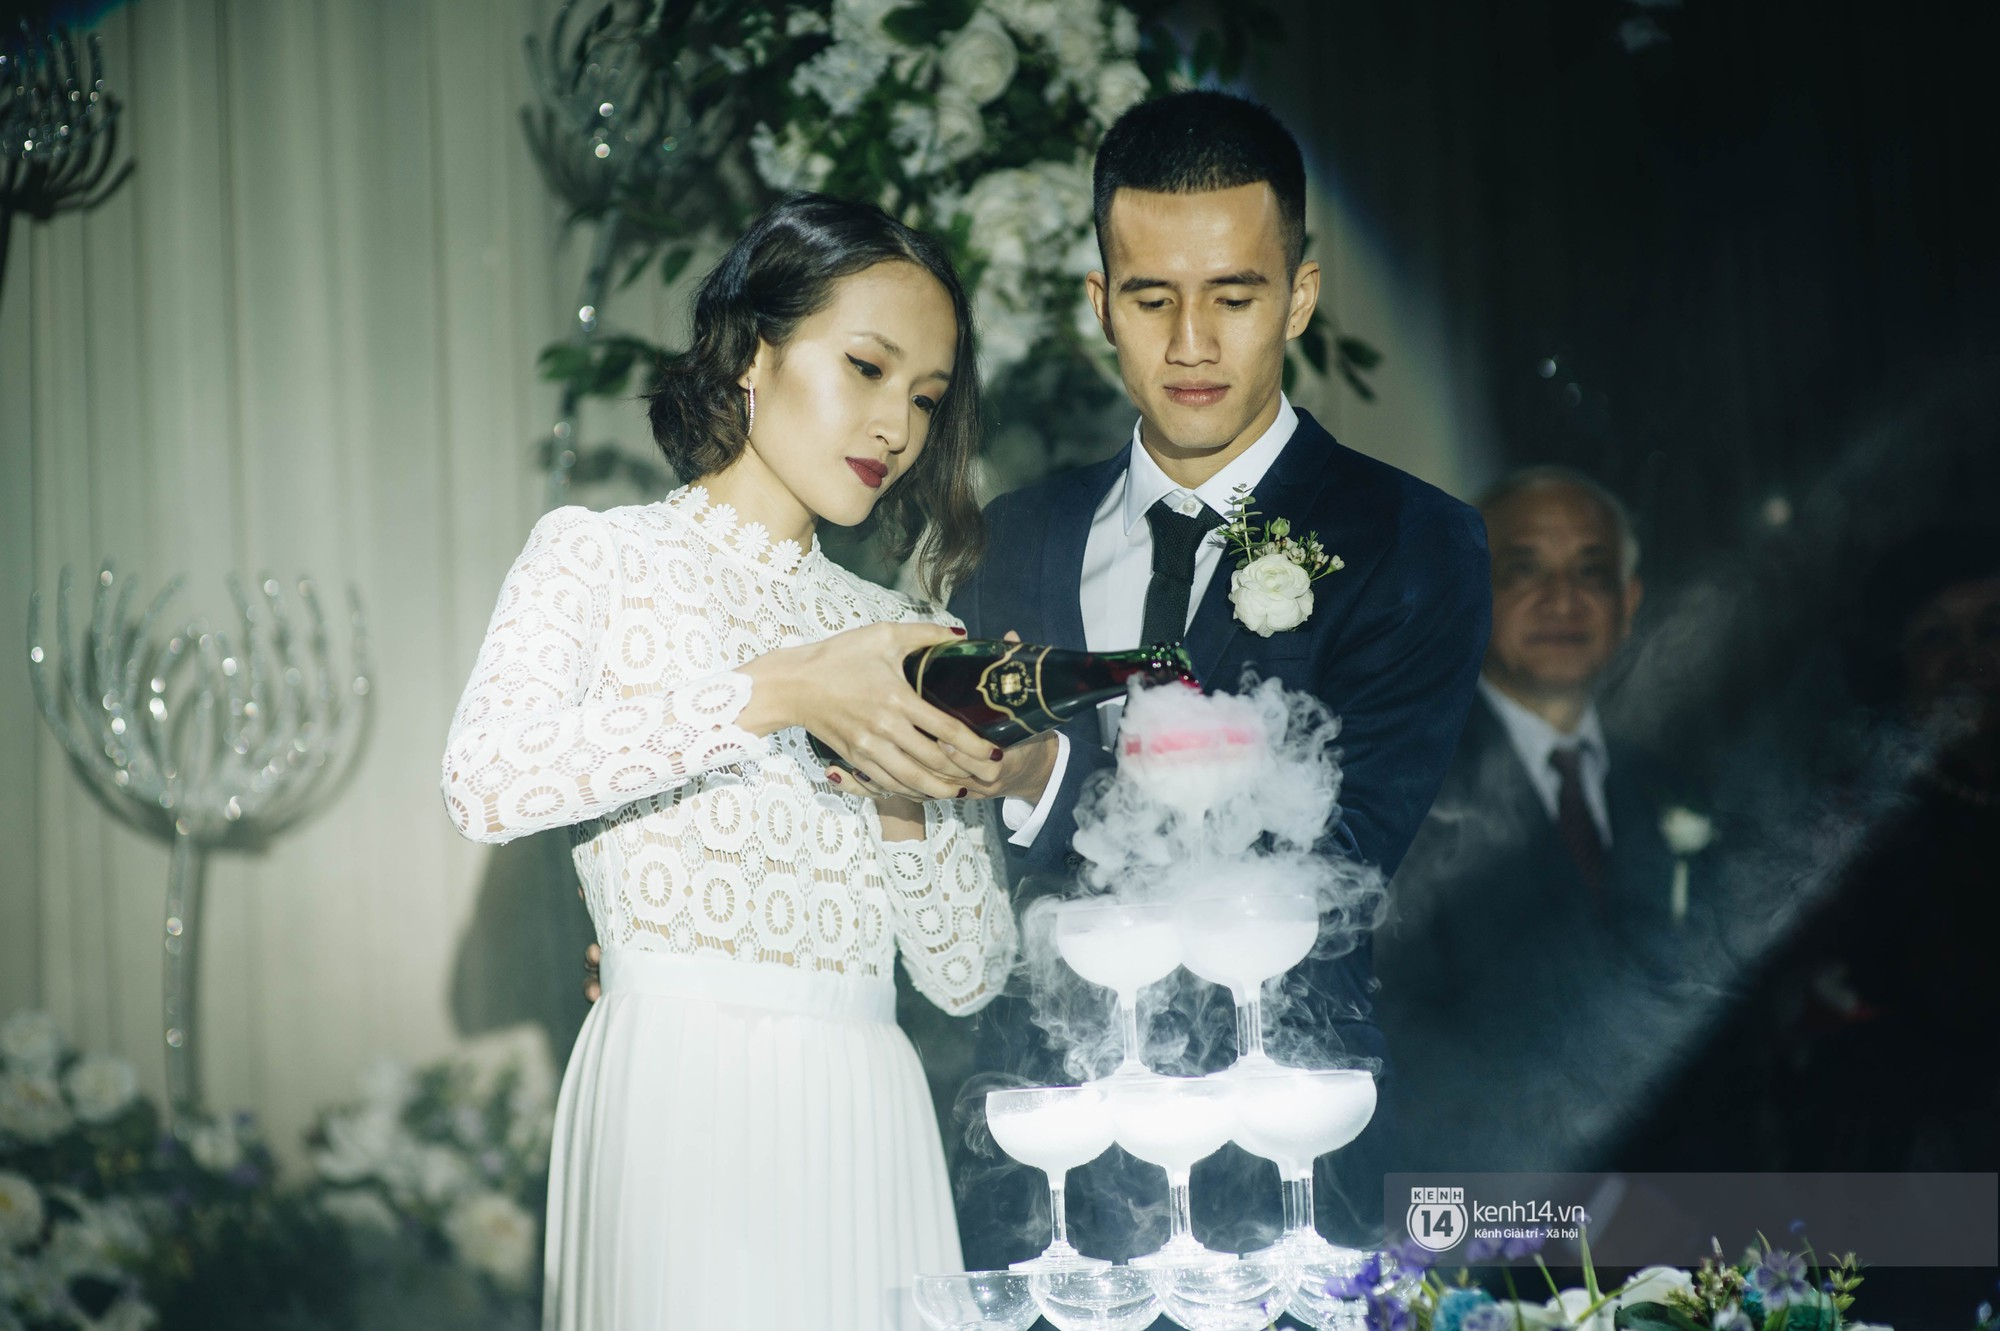 6 năm hẹn hò với bạn thân của hot Vlogger Giang Ơi khép lại bằng đám cưới giản dị nhưng đong đầy hạnh phúc - Ảnh 7.